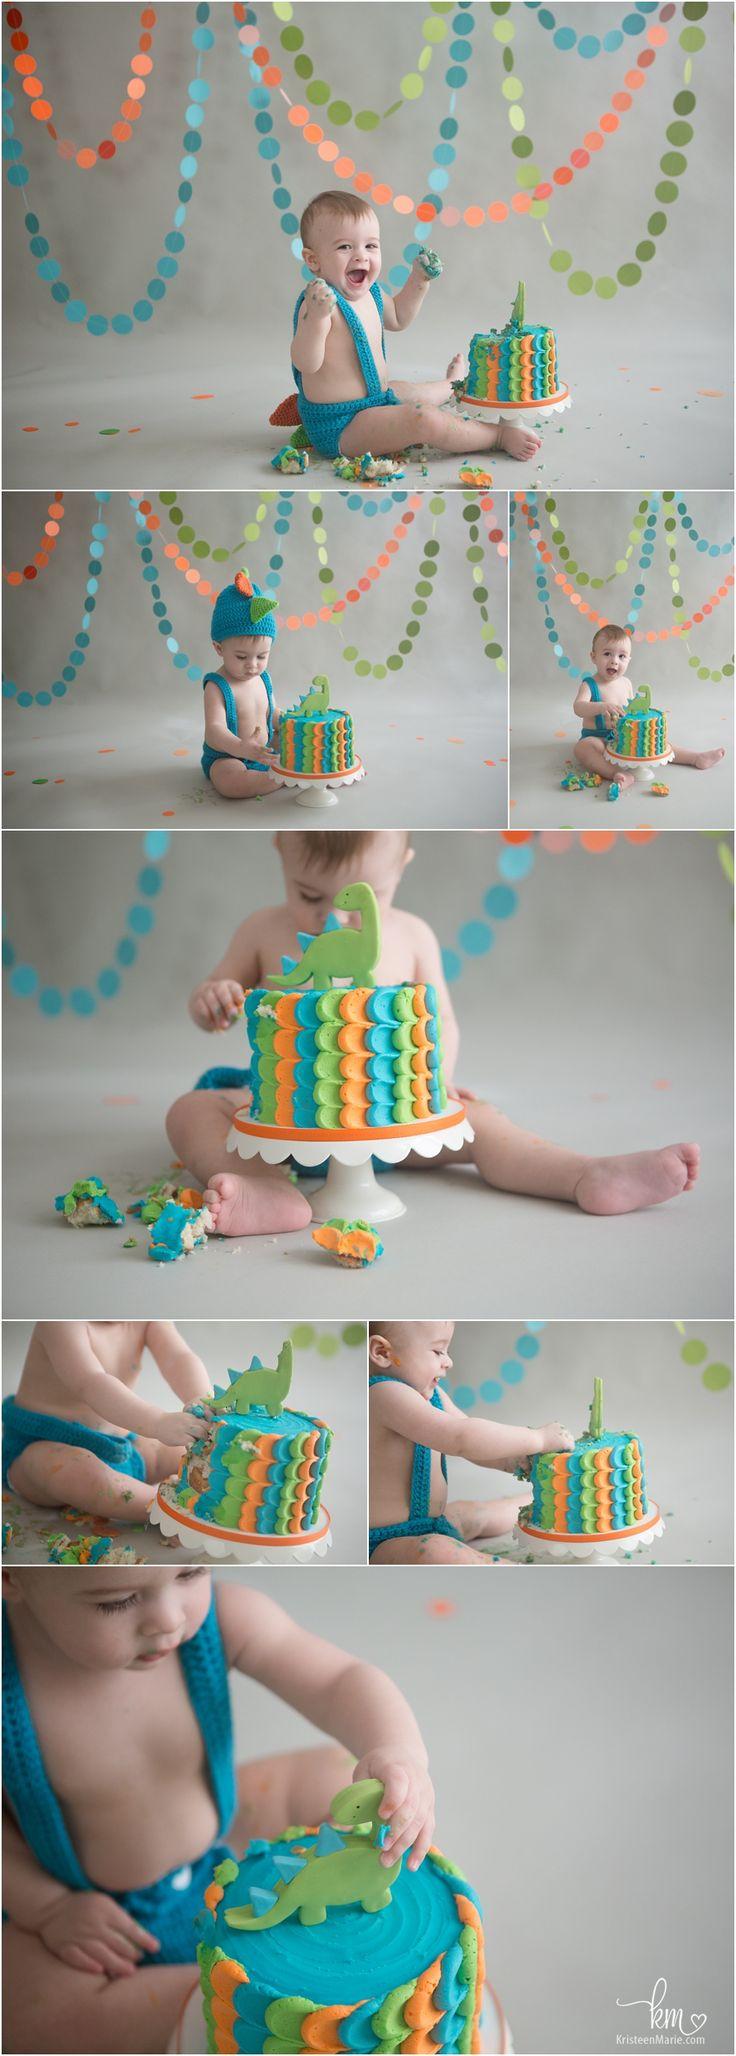 Dino 1st birthday cake smash session - Dinosaur themed 1st birthday